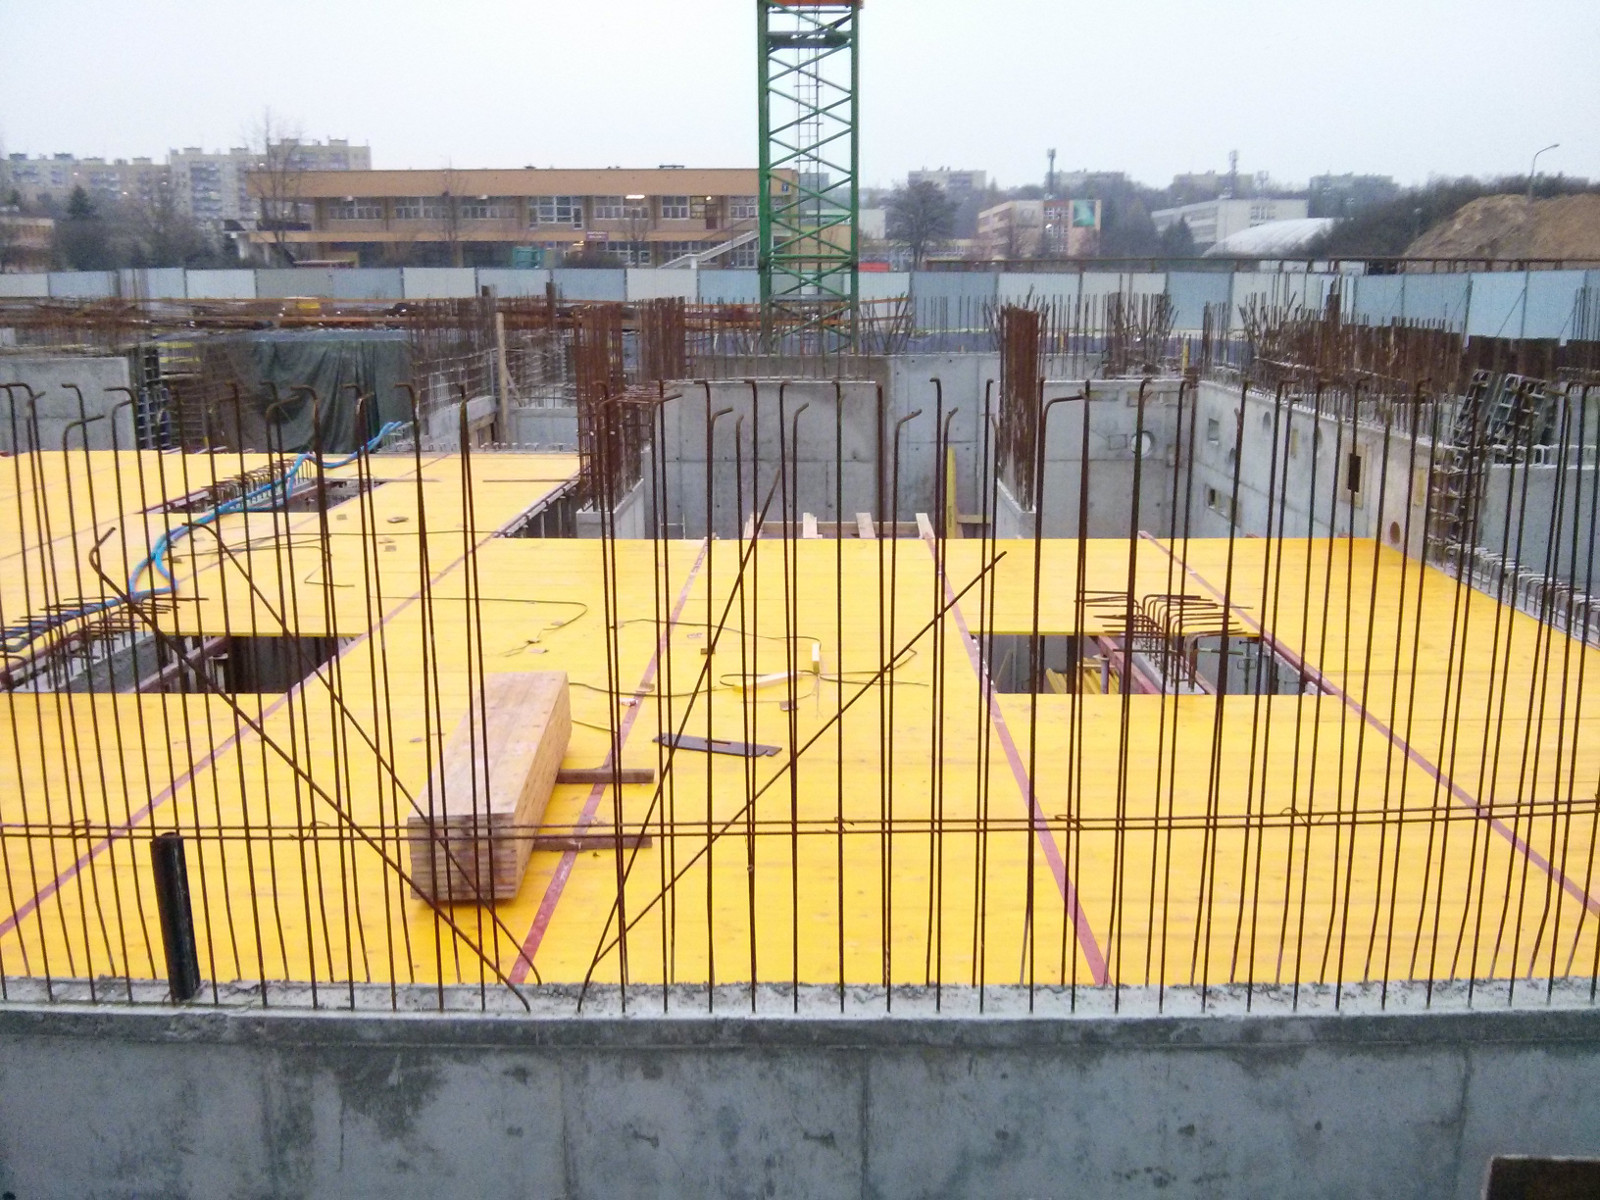 Budimex Nieruchomości stawia osiedle Avia 1 w Czyżynach w Krakowie